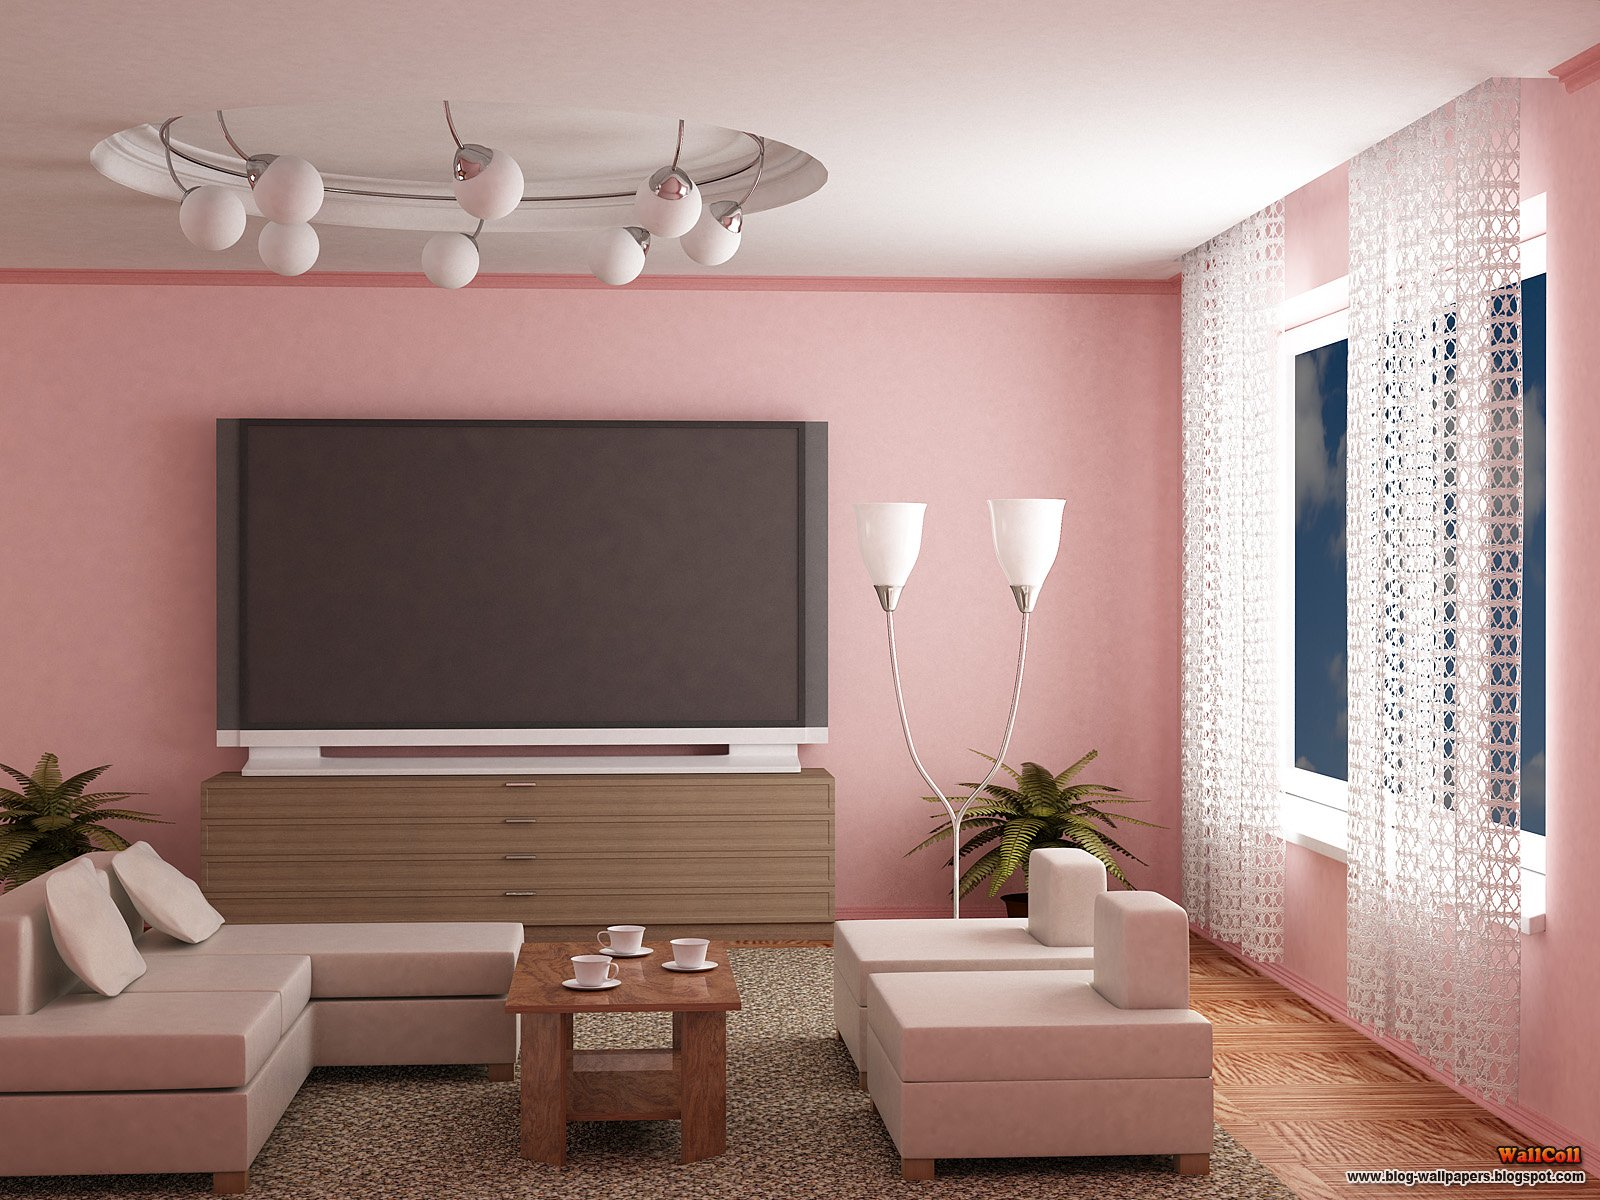 Dise o de interiores arquitectura continuaci n arte for Frases de disenos de interiores